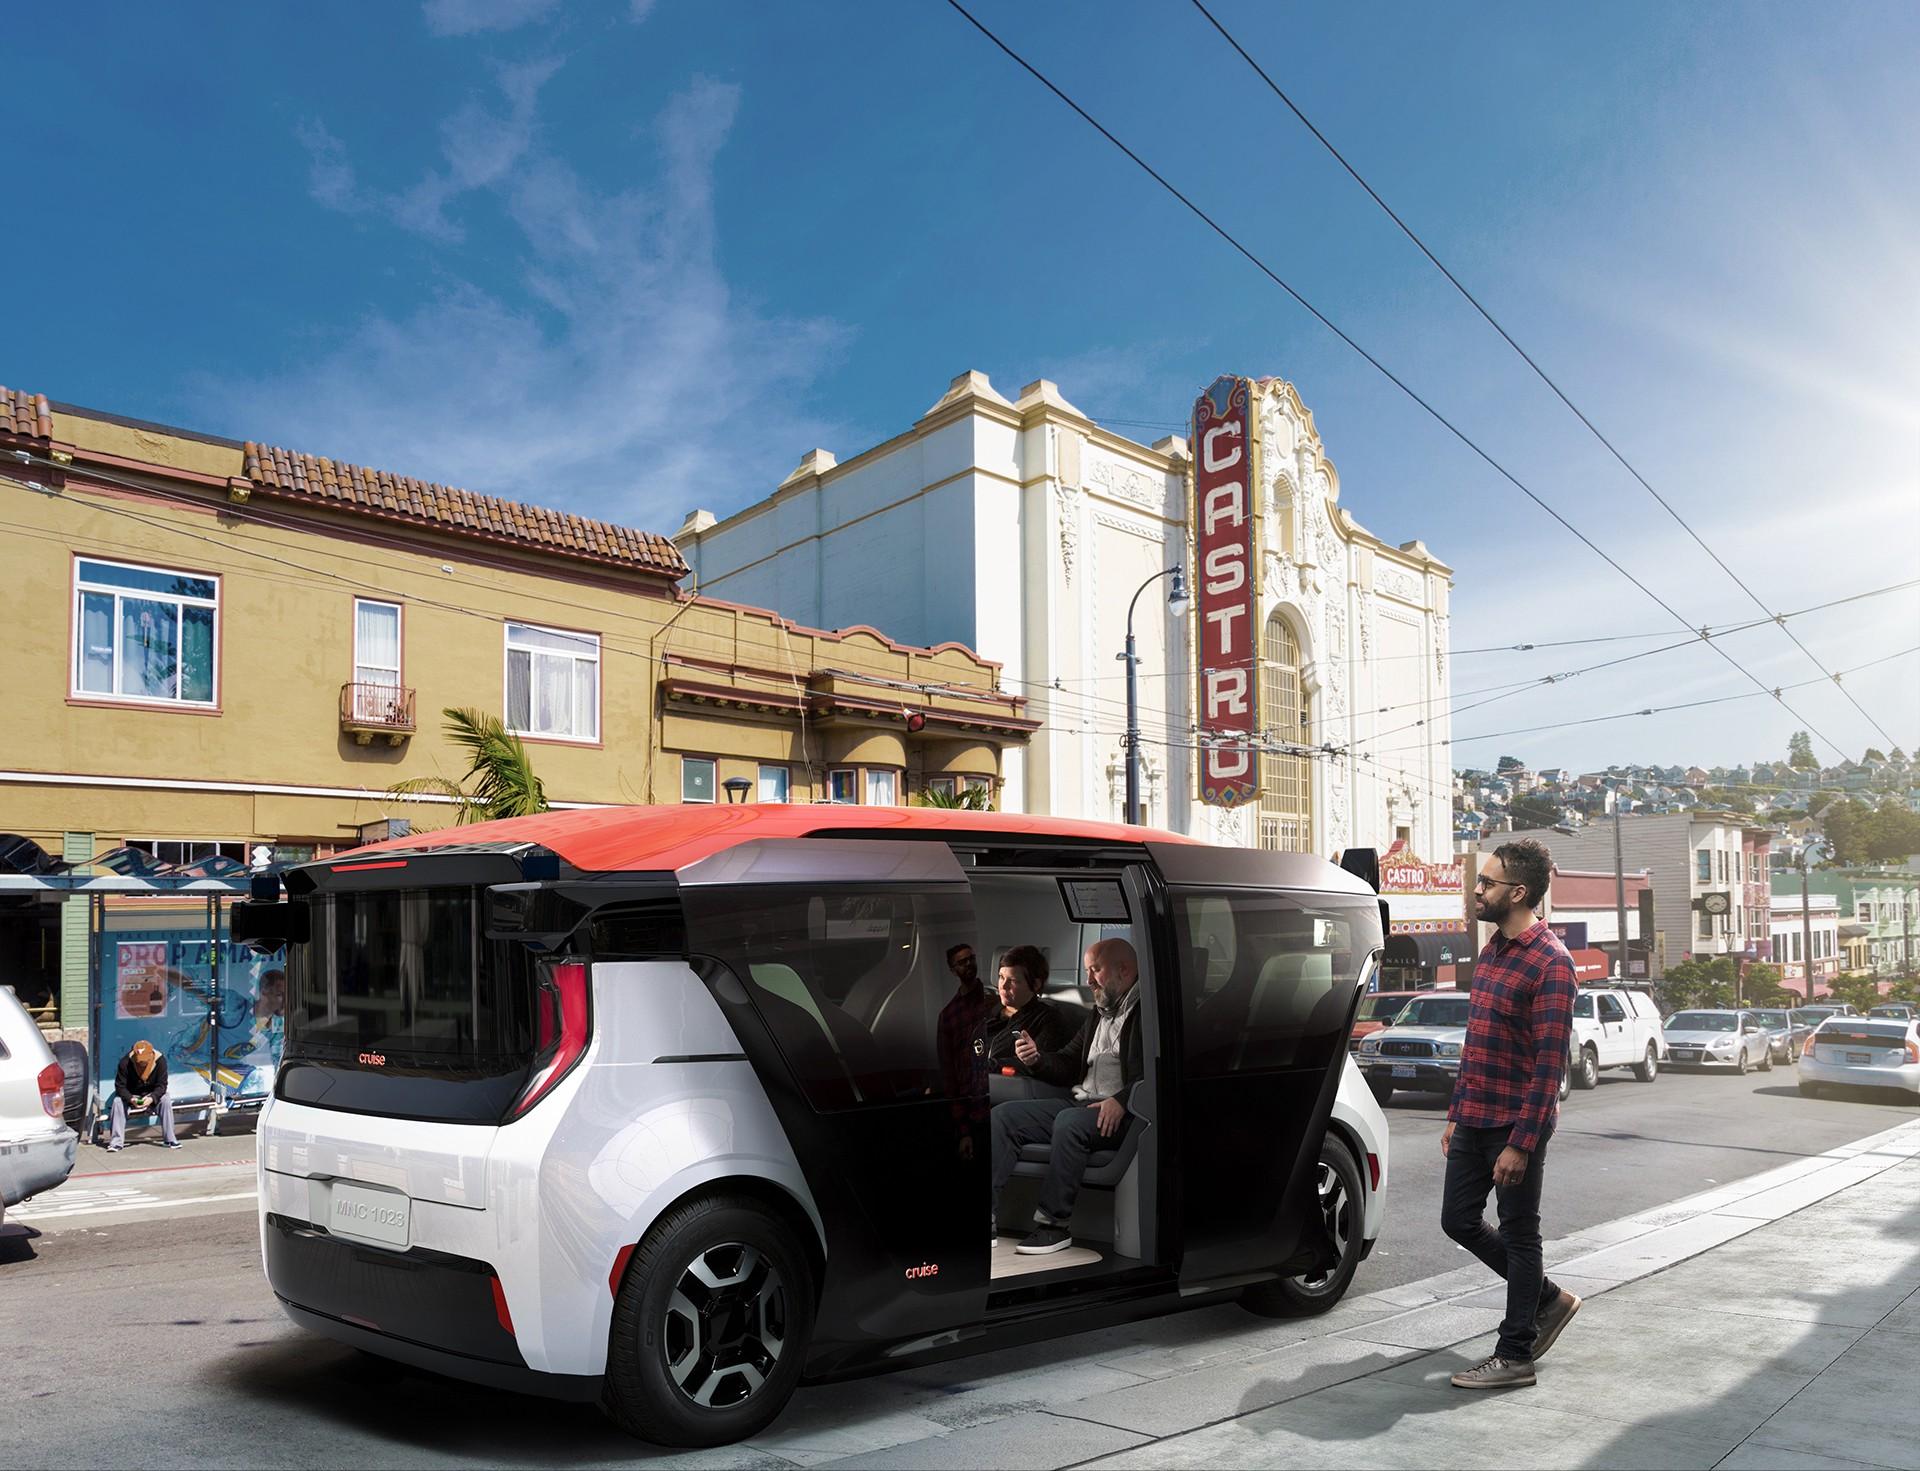 Cruise Origin : électrique et autonome, cette navette pourrait bientôt rouler sur nos routes